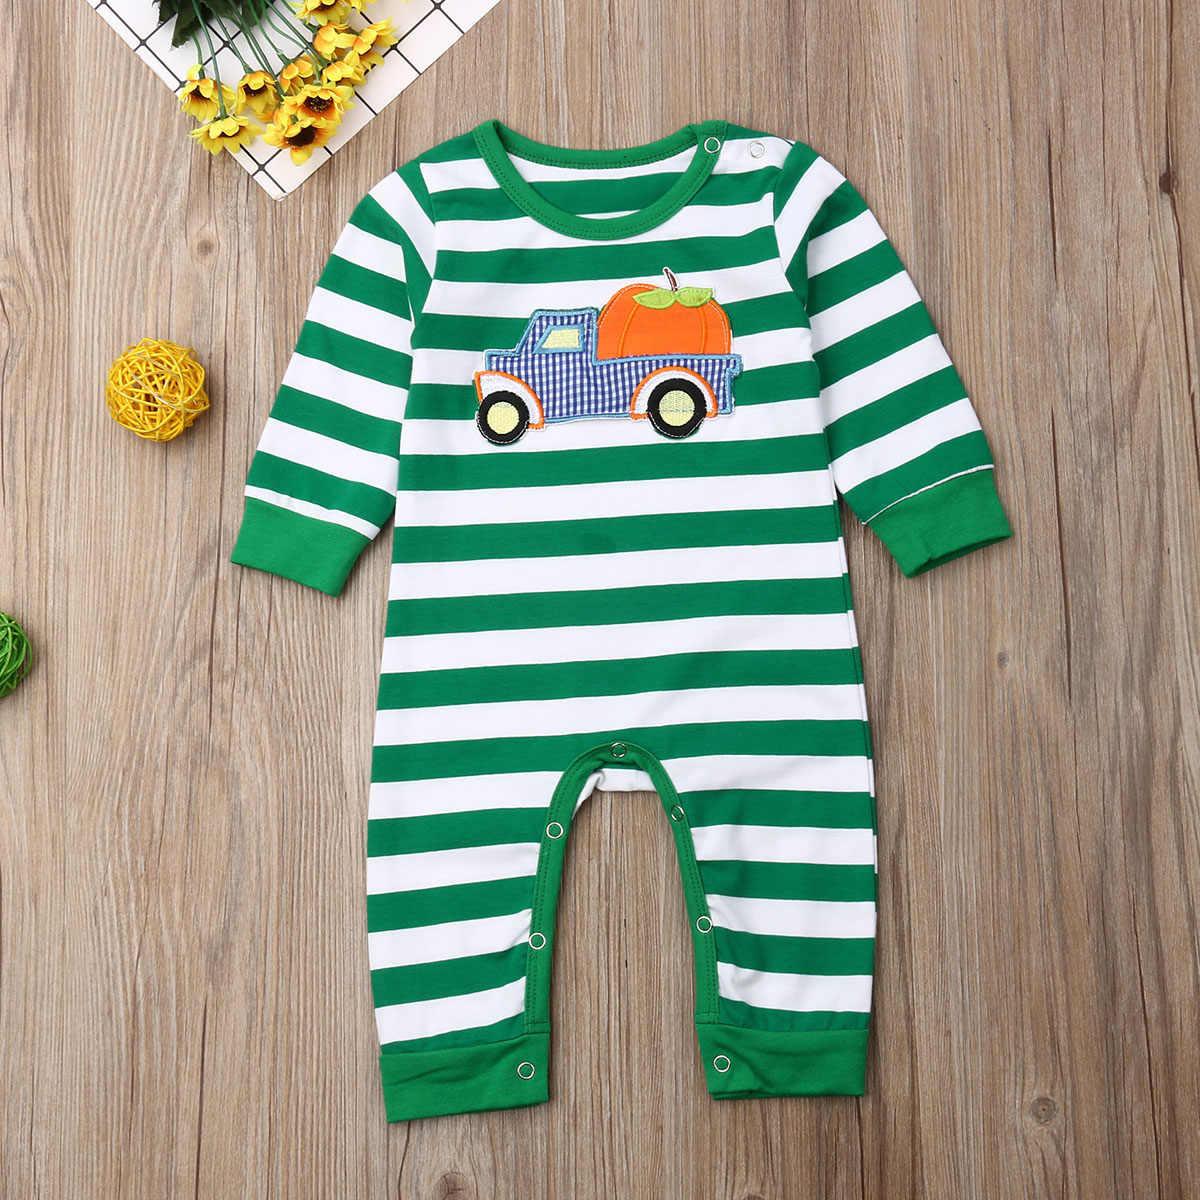 ทารกแรกเกิดเด็กทารกฮาโลวีน Romper ฟักทองพิมพ์ Jumpsuit แขนยาวผ้าฝ้ายเด็กอ่อนเสื้อผ้า 0-24M